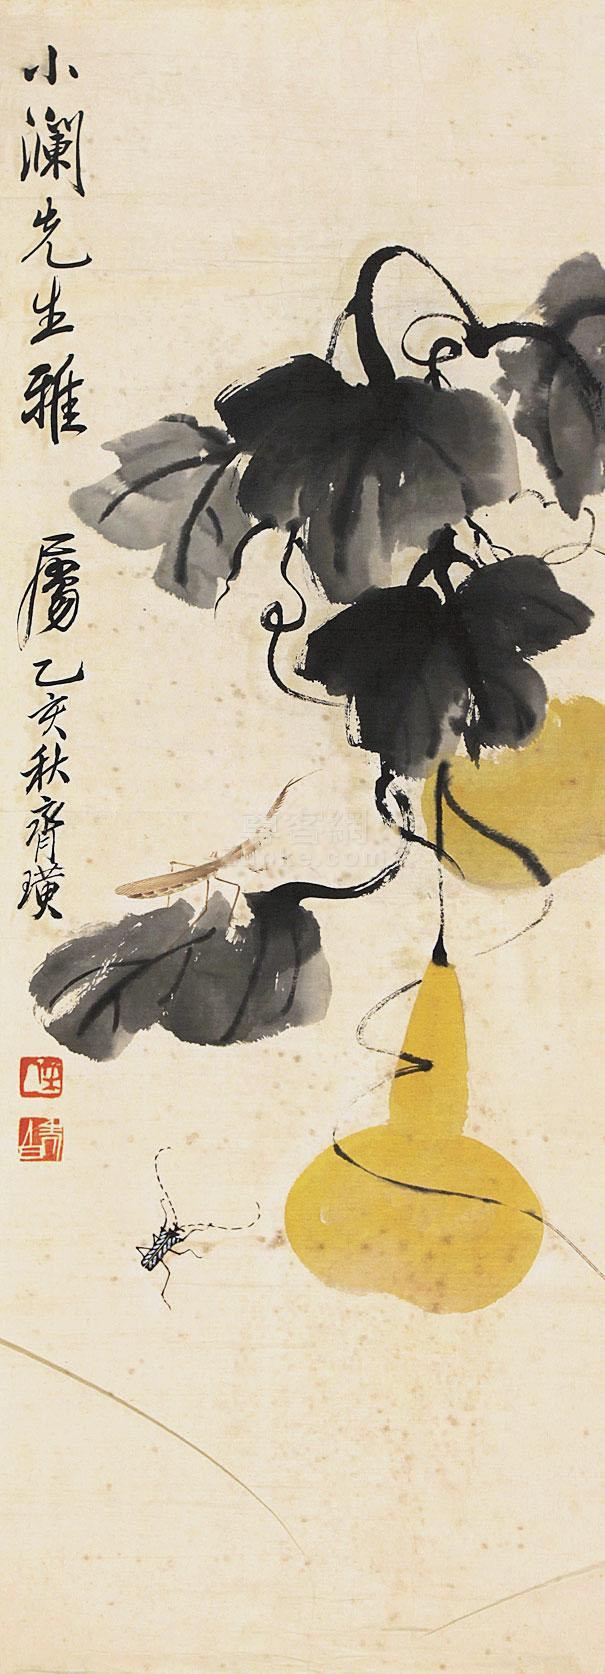 齐白石 葫芦草虫  设色纸本作品欣赏